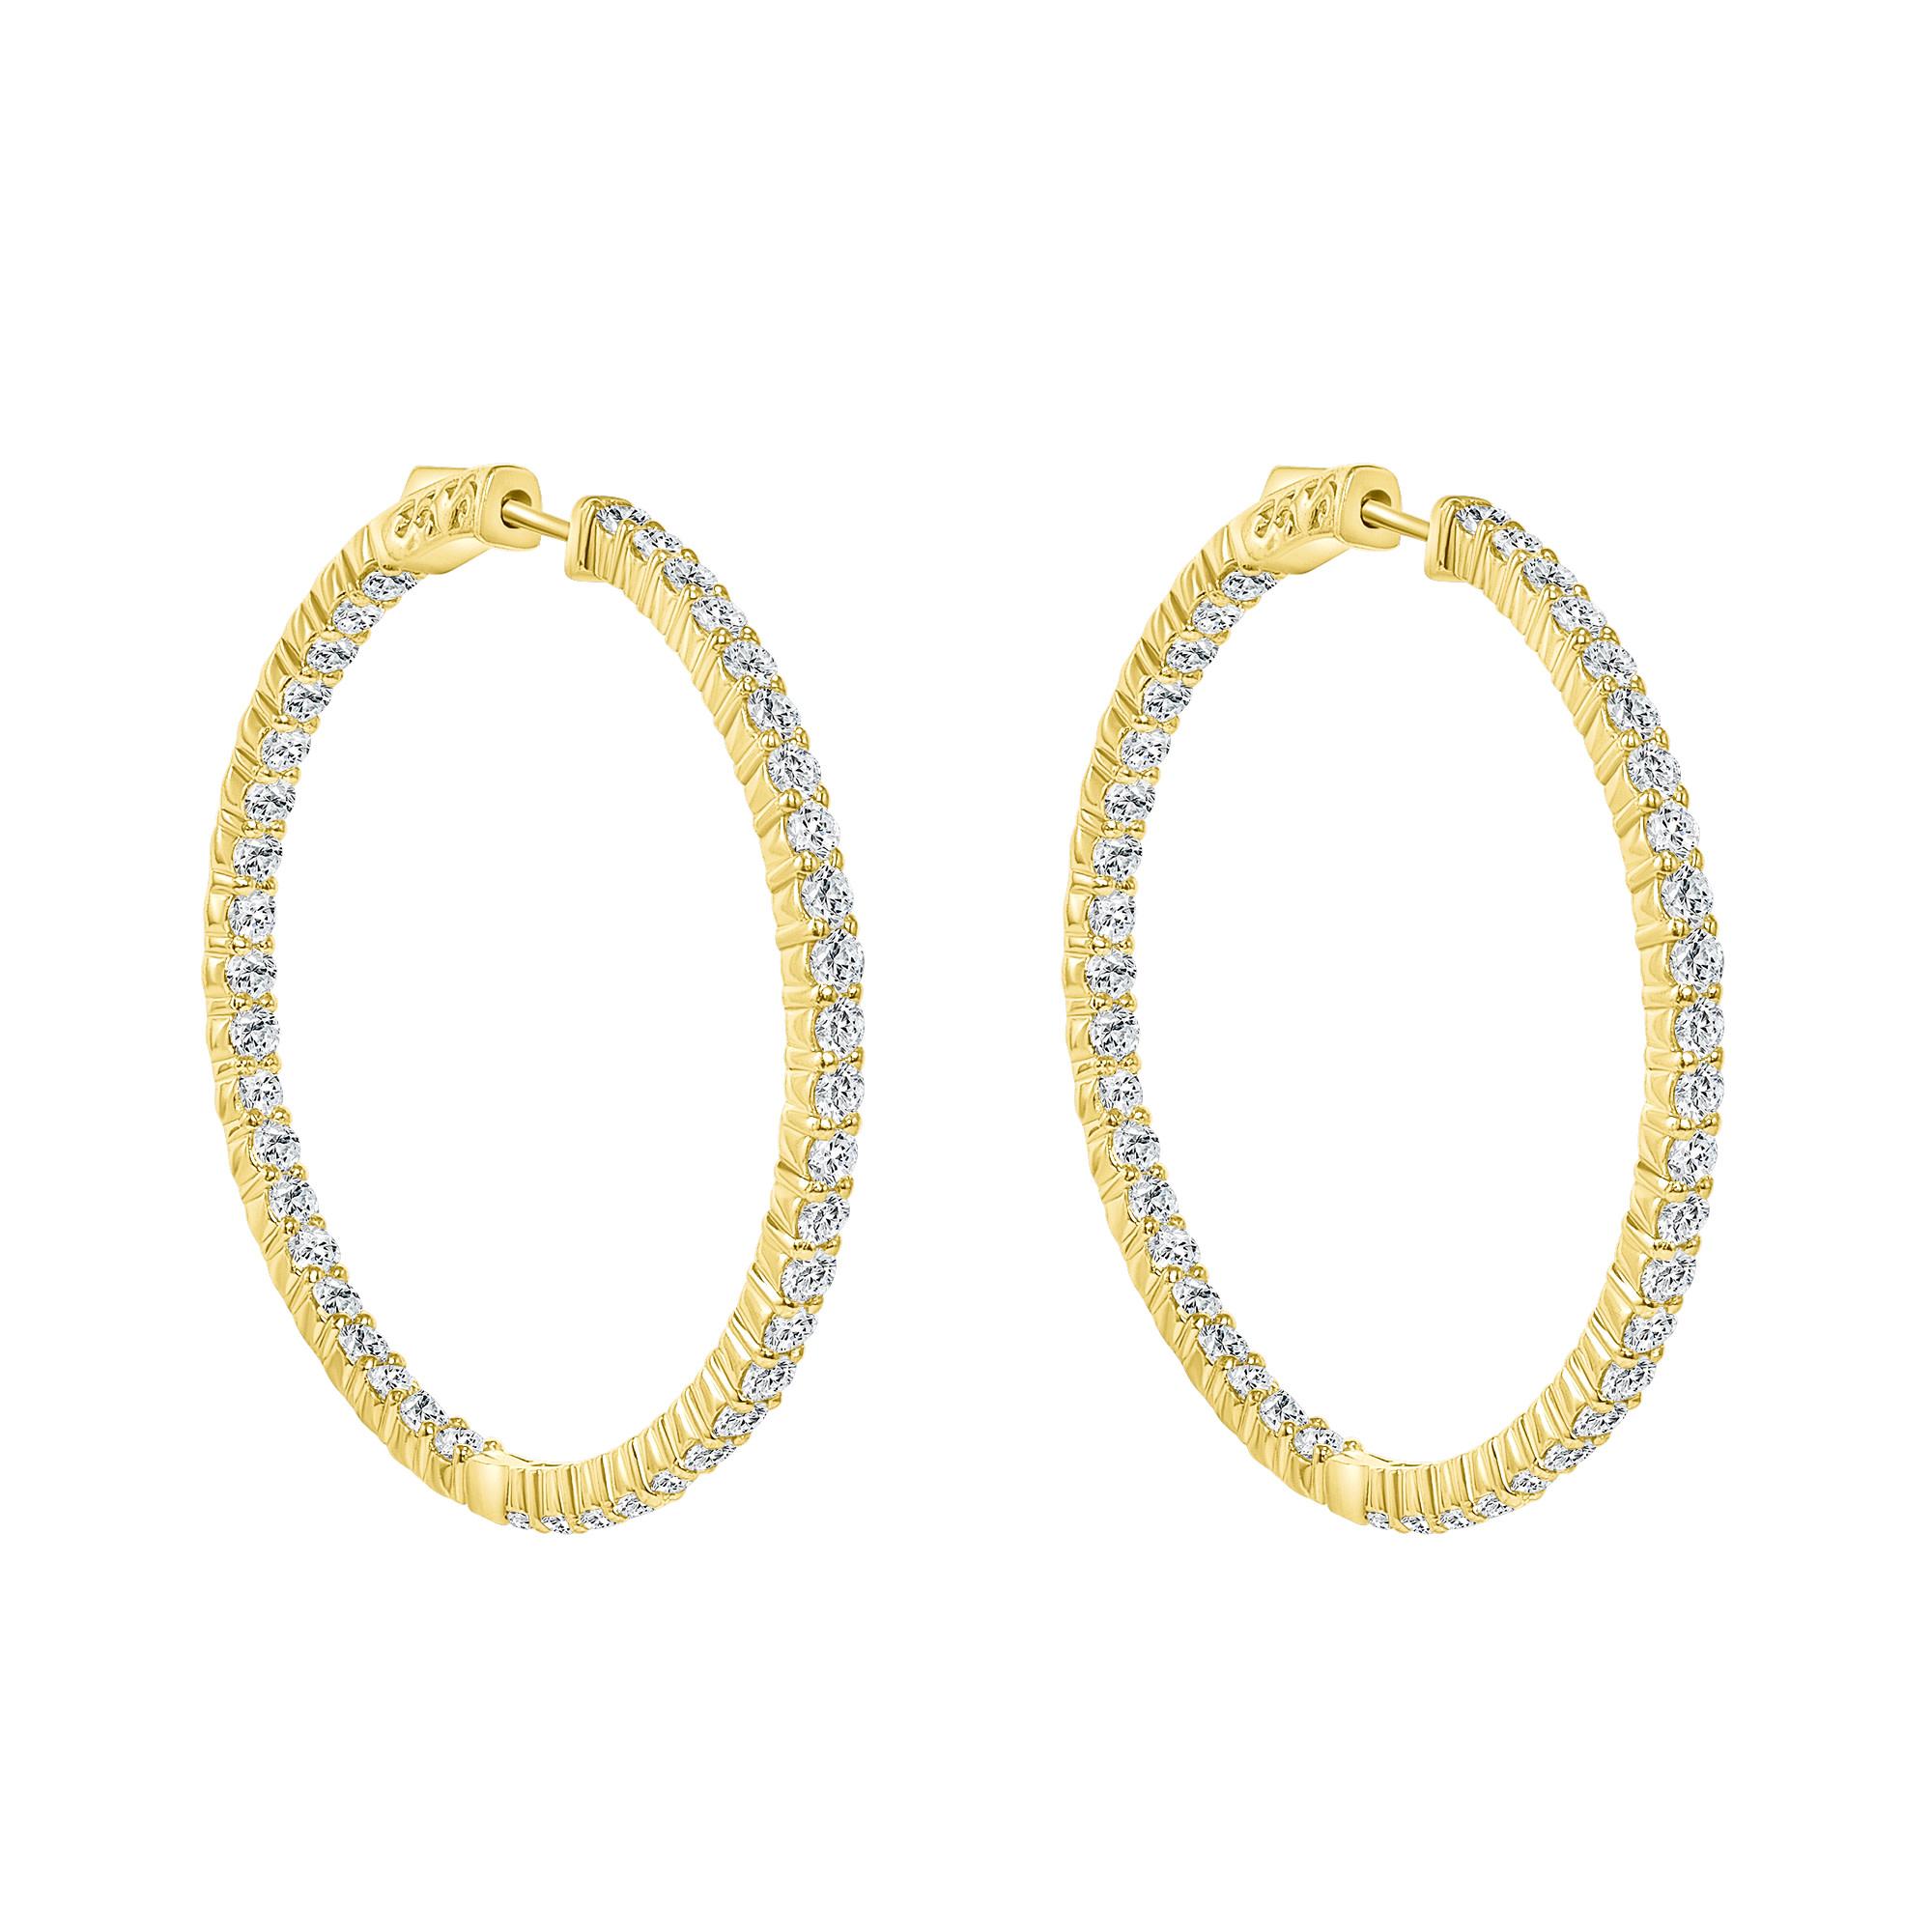 diamond accent earrings 14k gold hoops | 14k gold hoop earrings